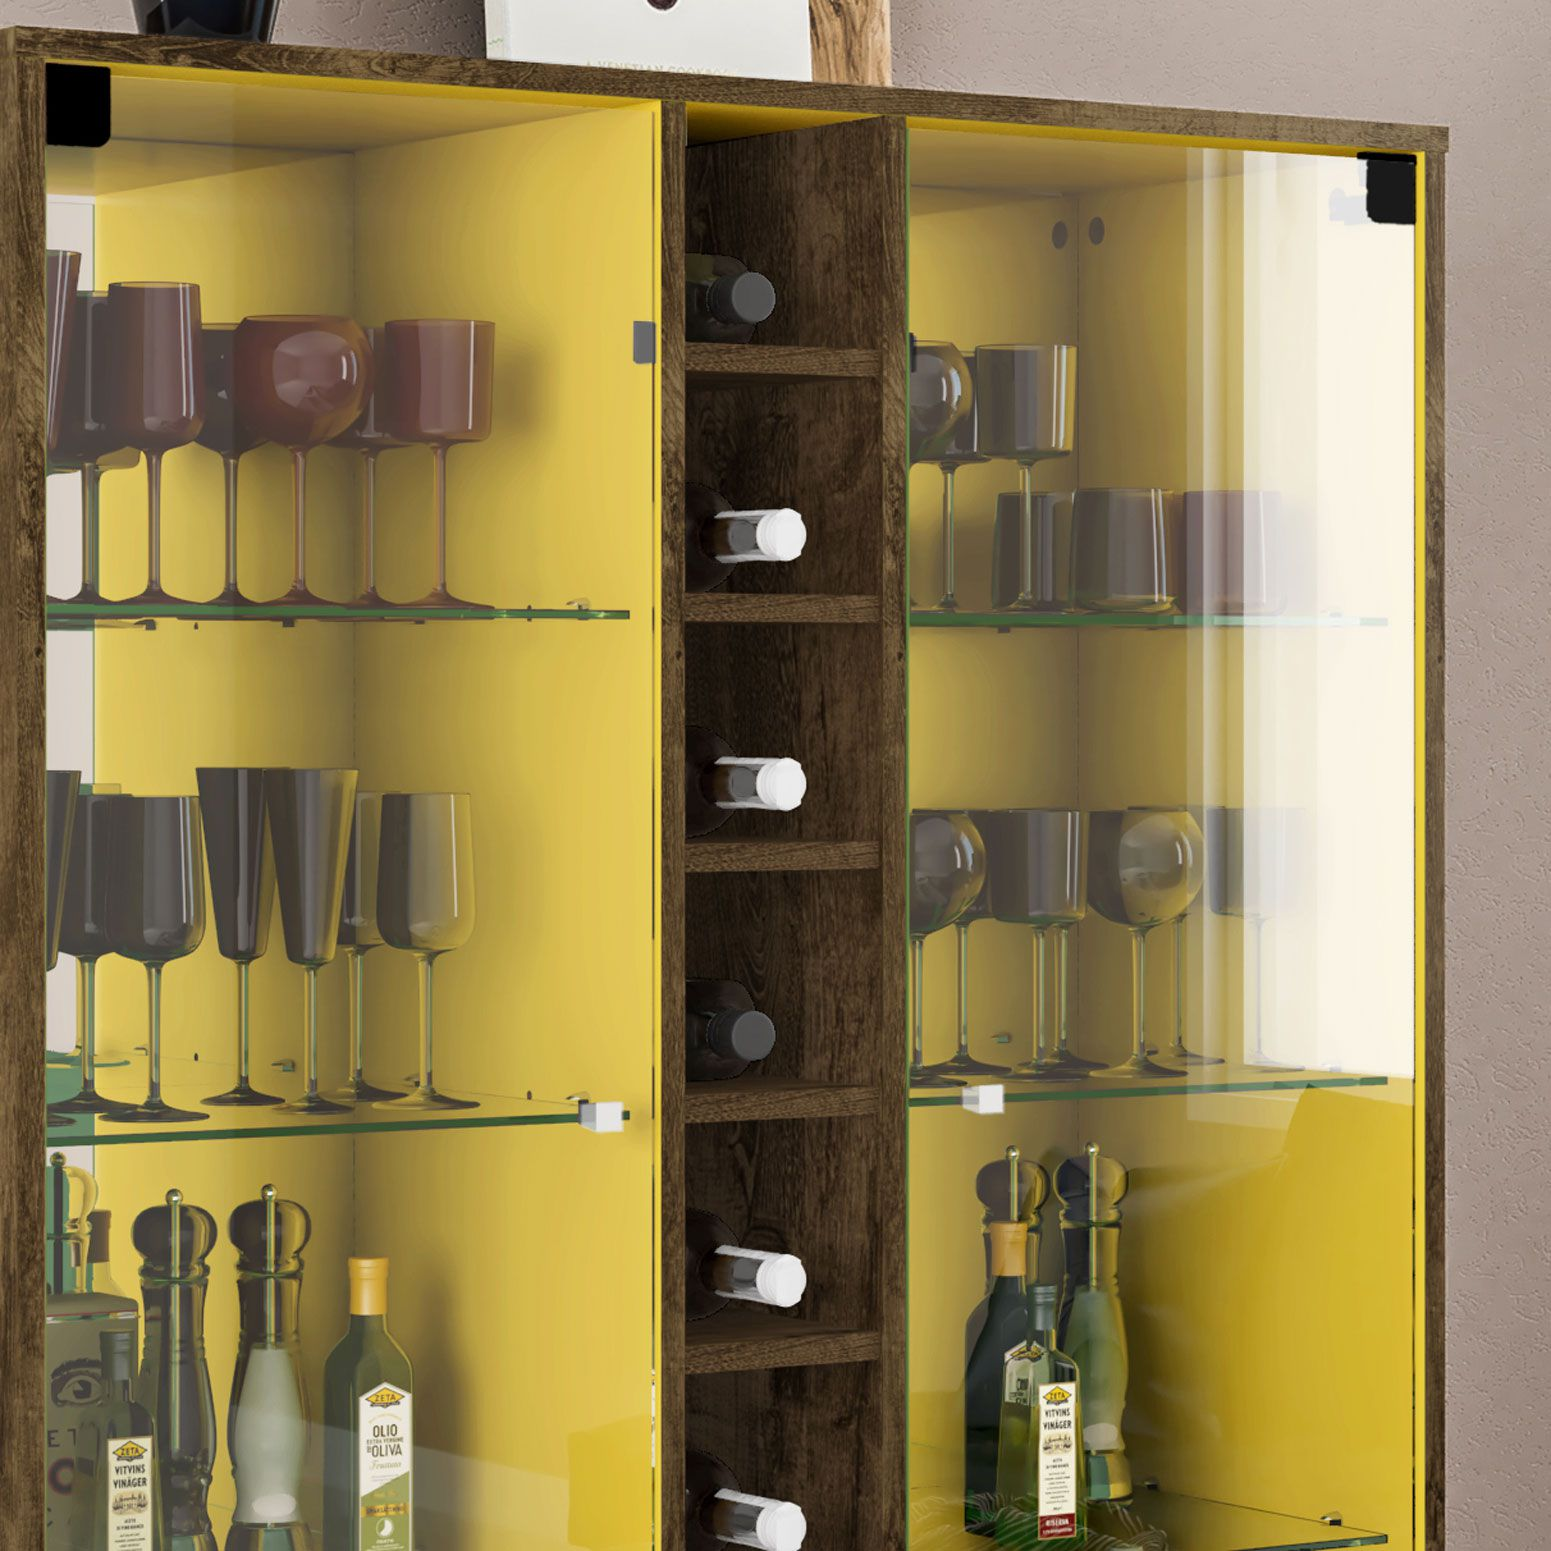 Cristaleira Módena Madeira Rústica / Amarelo - Móveis Bechara